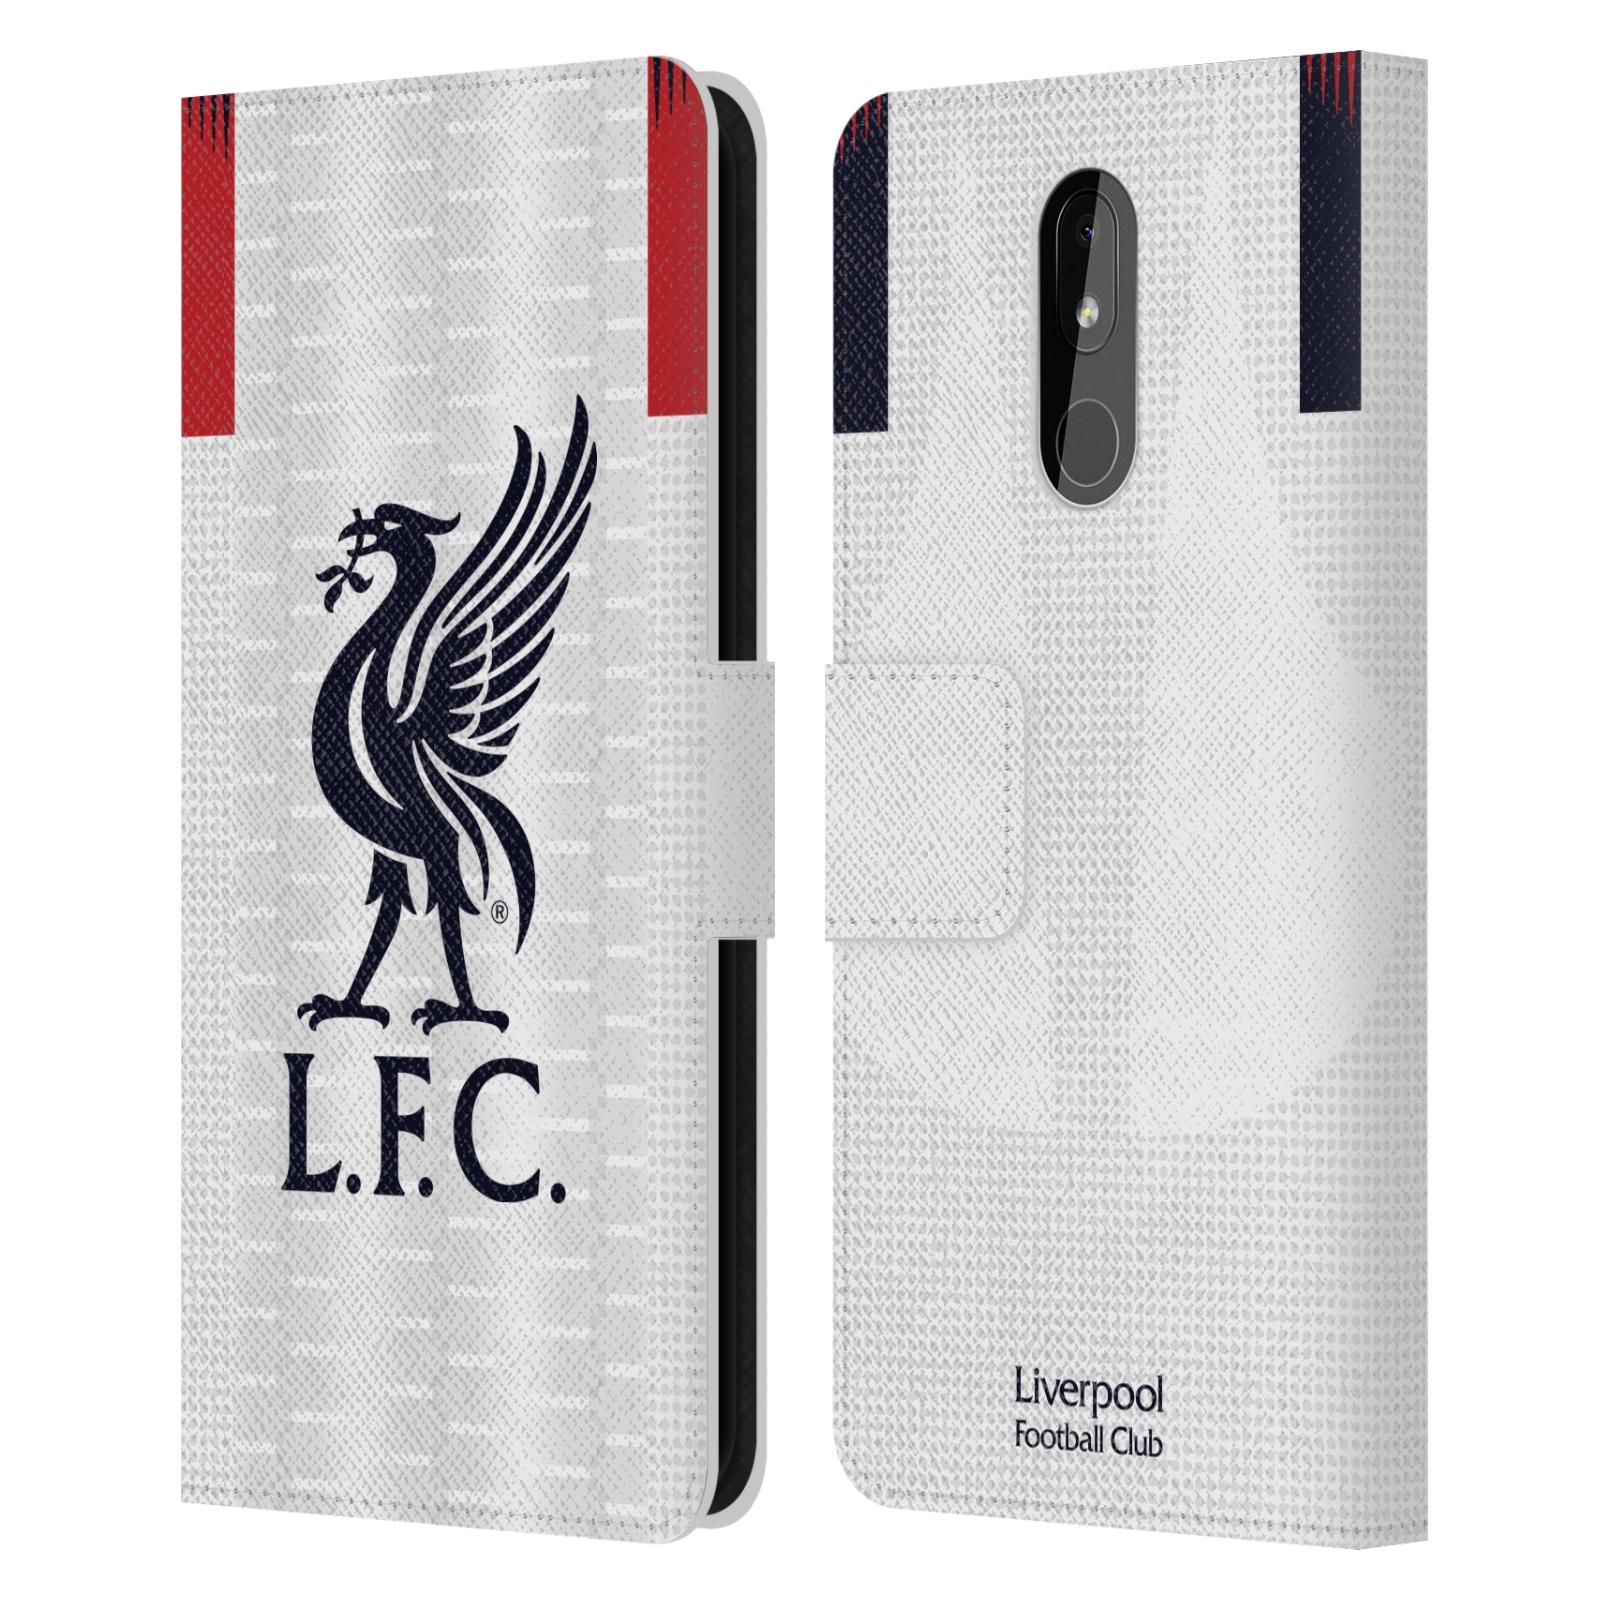 Pouzdro na mobil Nokia 3.2 - Head Case - fotbalový klub liverpool bílý dres